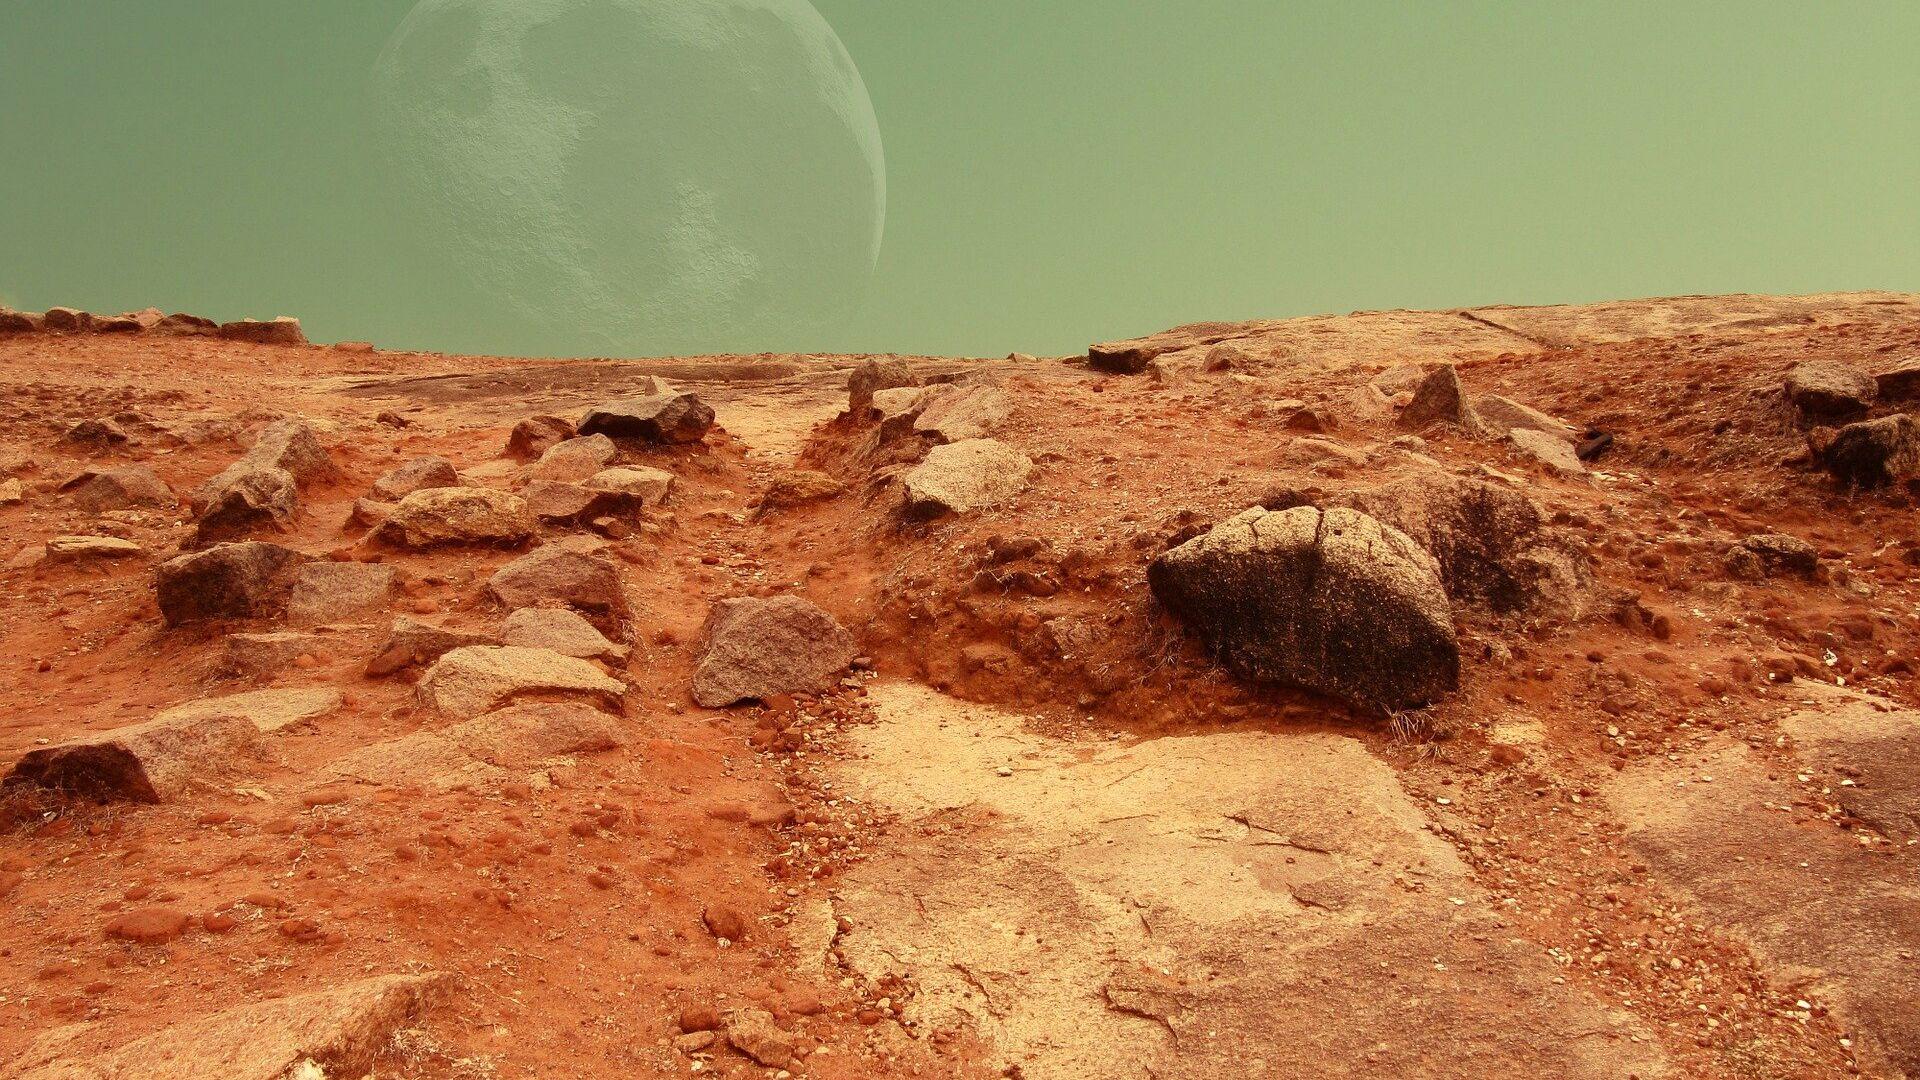 La superficie de Marte (ilustración) - Sputnik Mundo, 1920, 12.04.2021